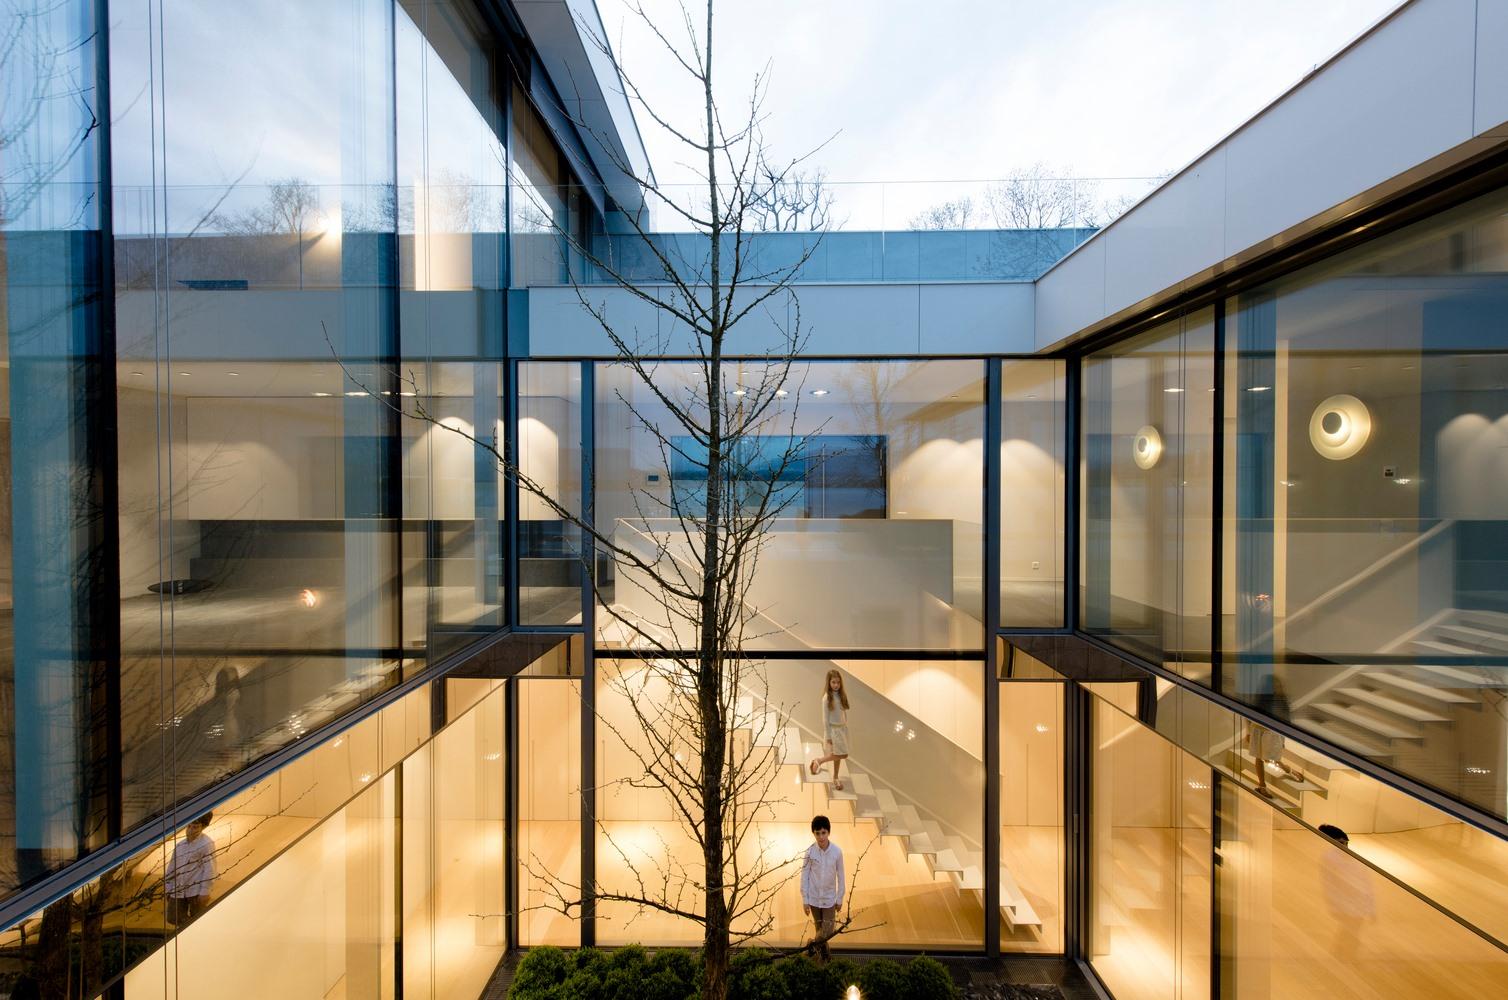 Vách ngăn nhôm kính - Xư hướng kiến trúc hiện đại